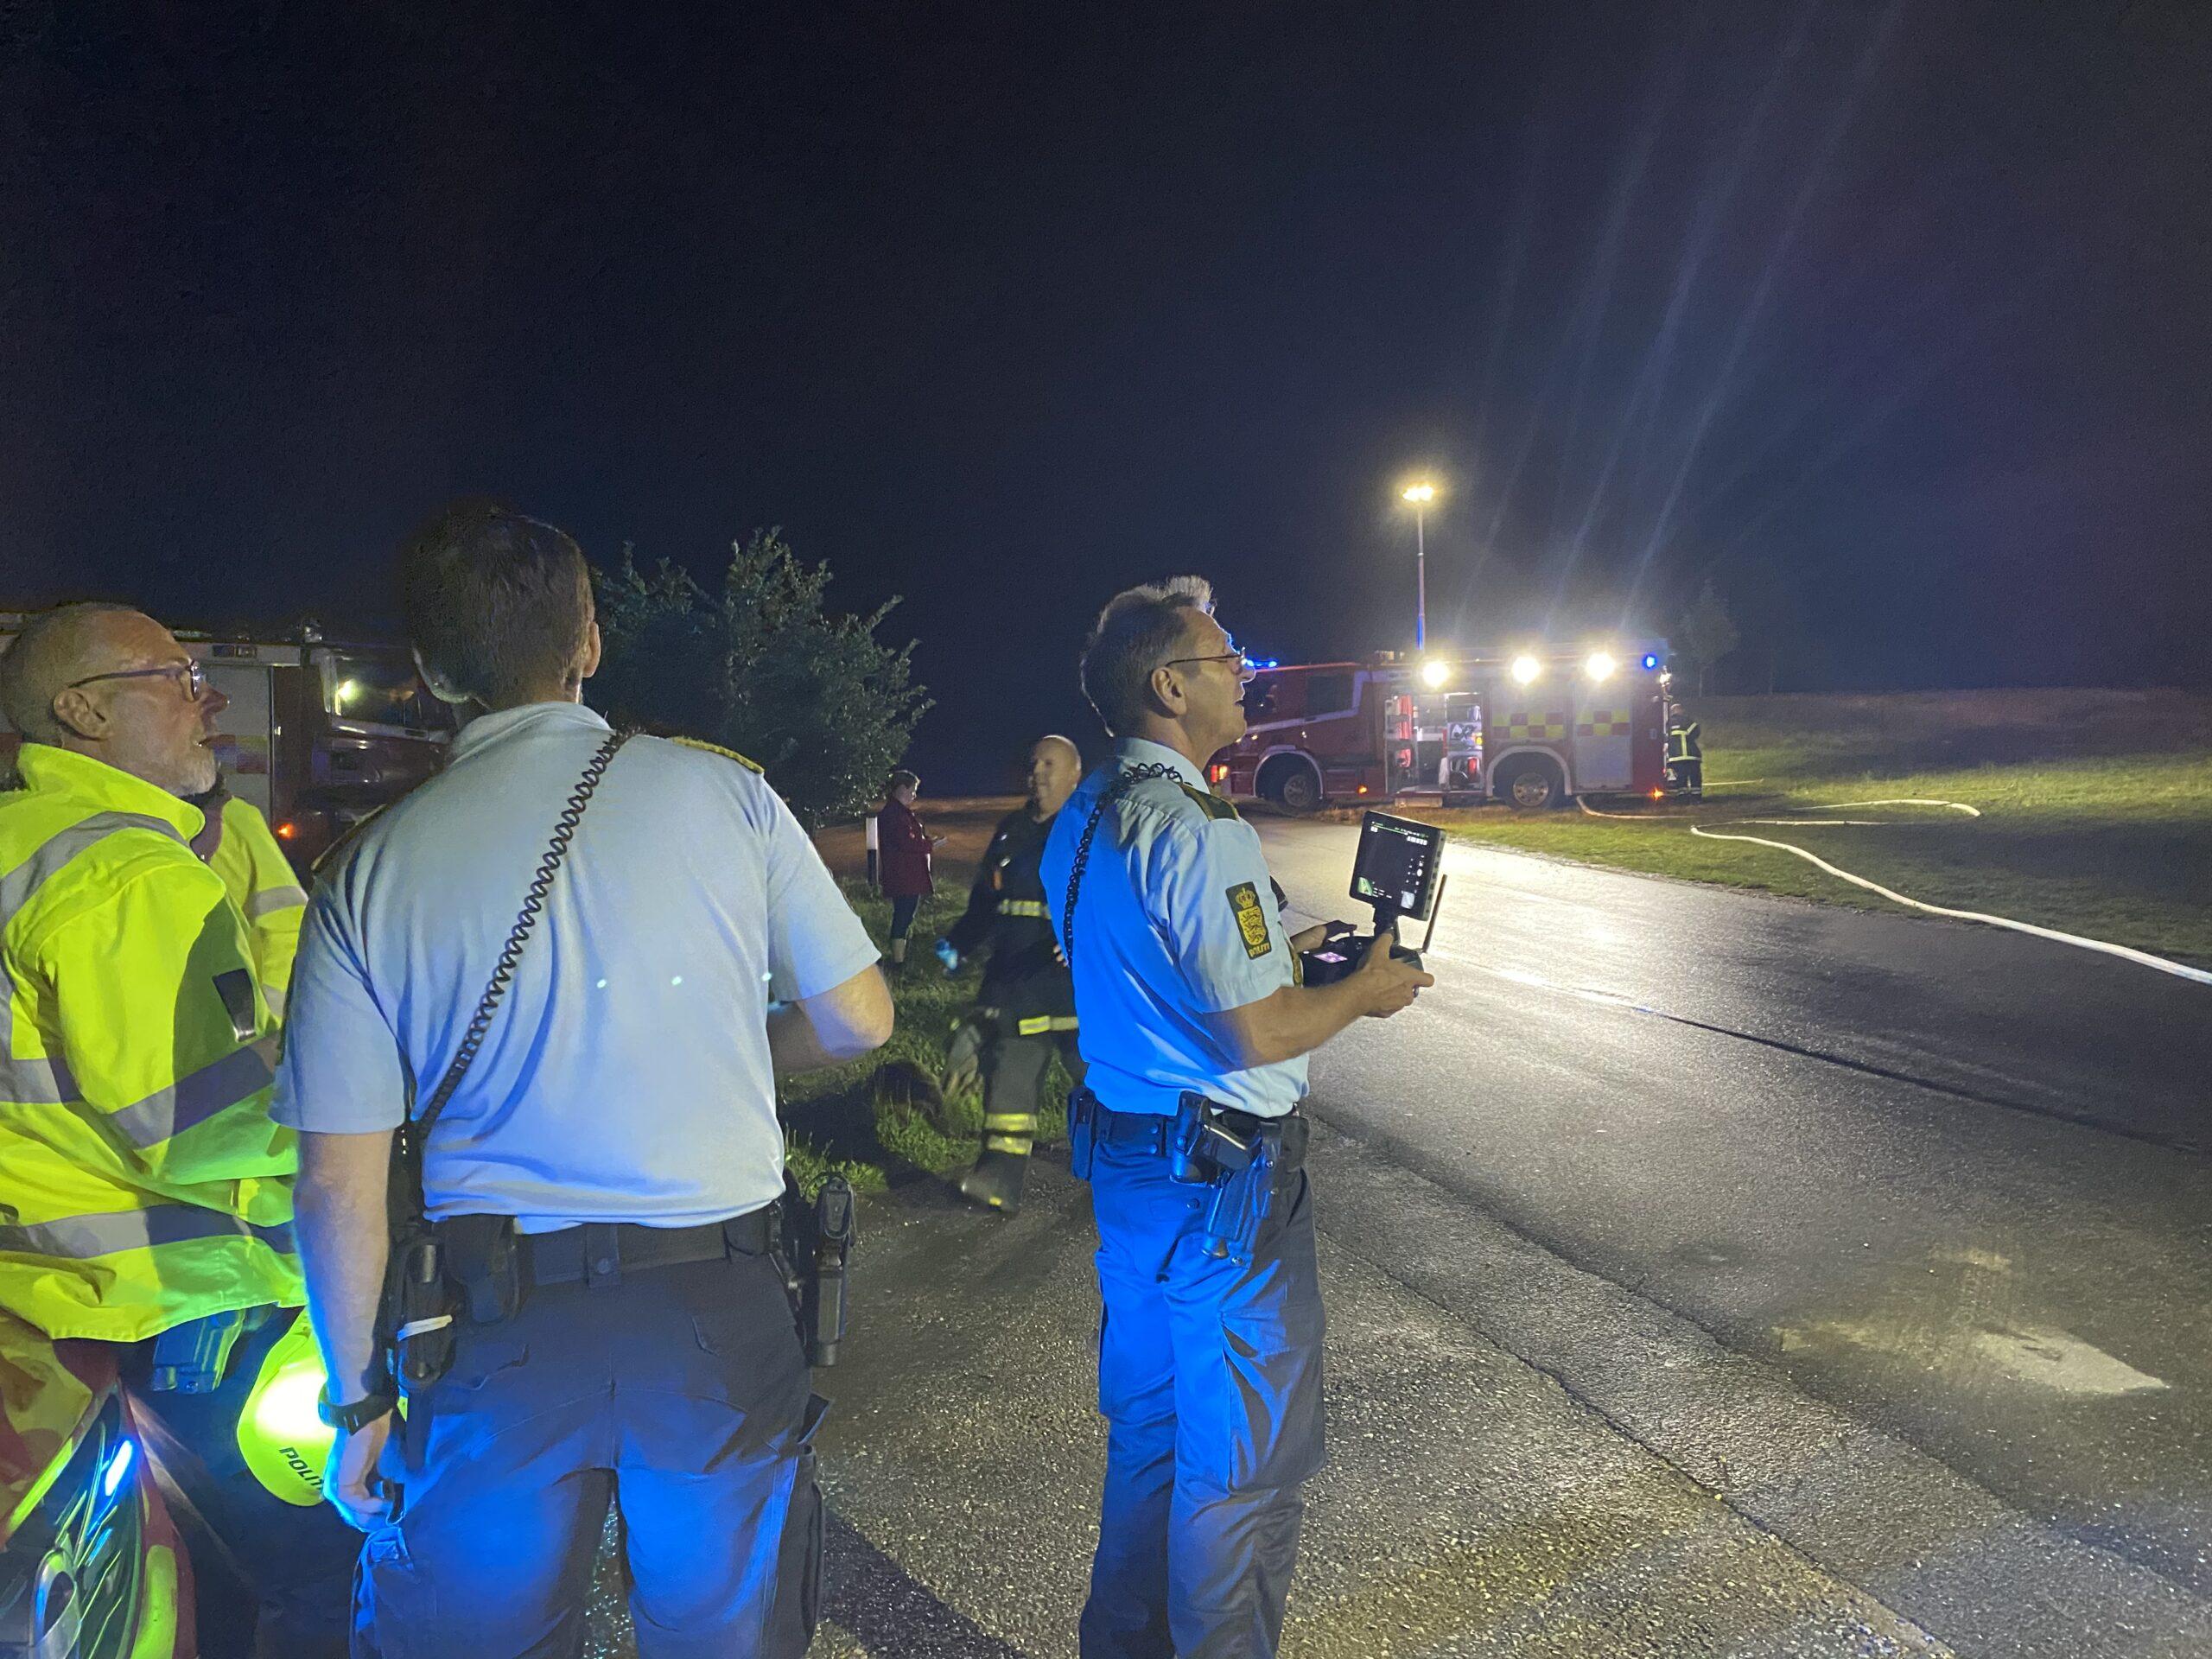 Fyns Politi har sendt drone i luften over brændende bygning